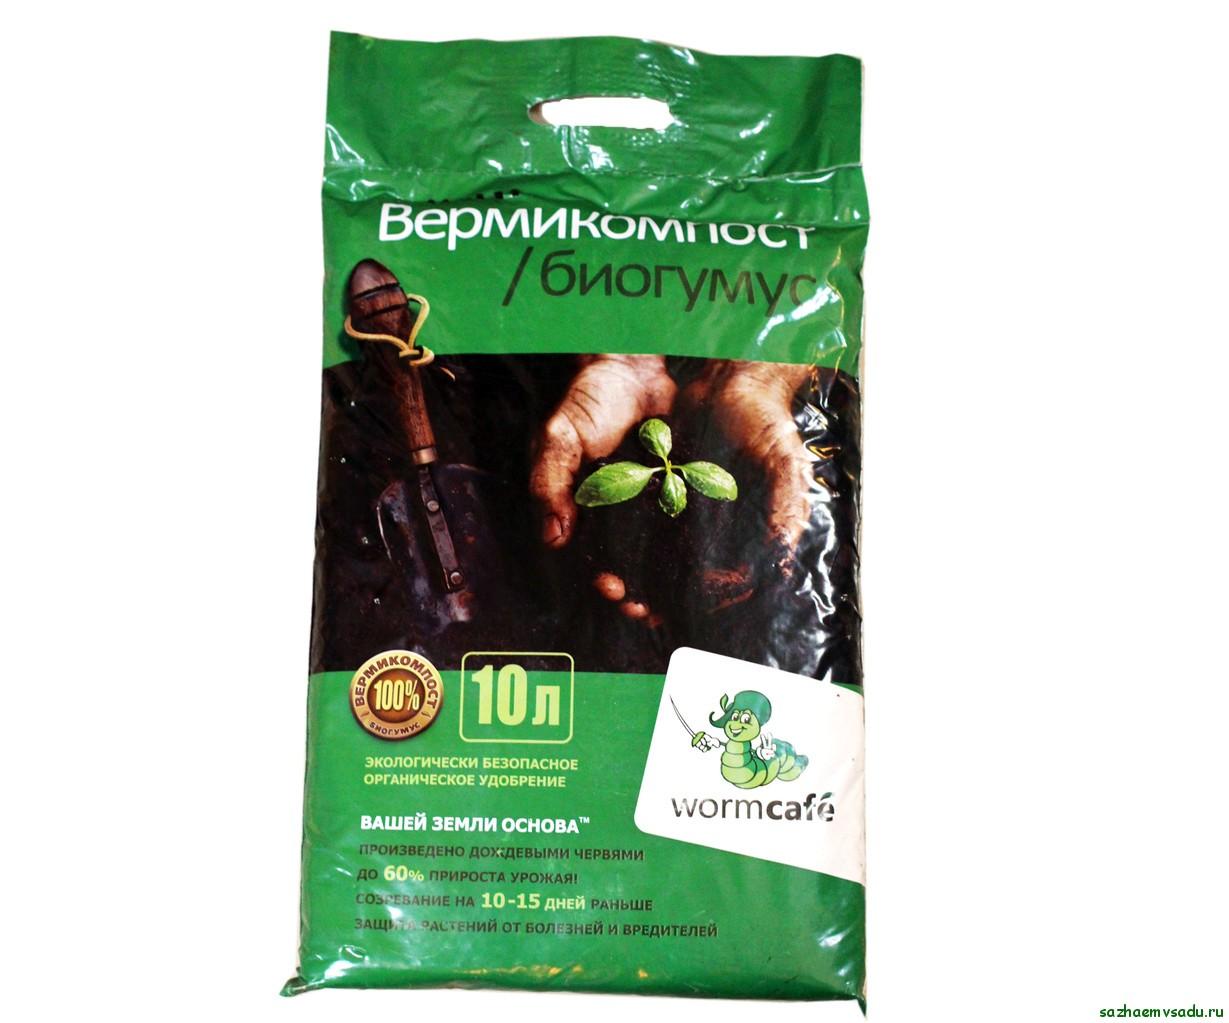 Экологичное удобрение биогумус: принцип действия, инструкция по применению, изготовление в домашних условиях